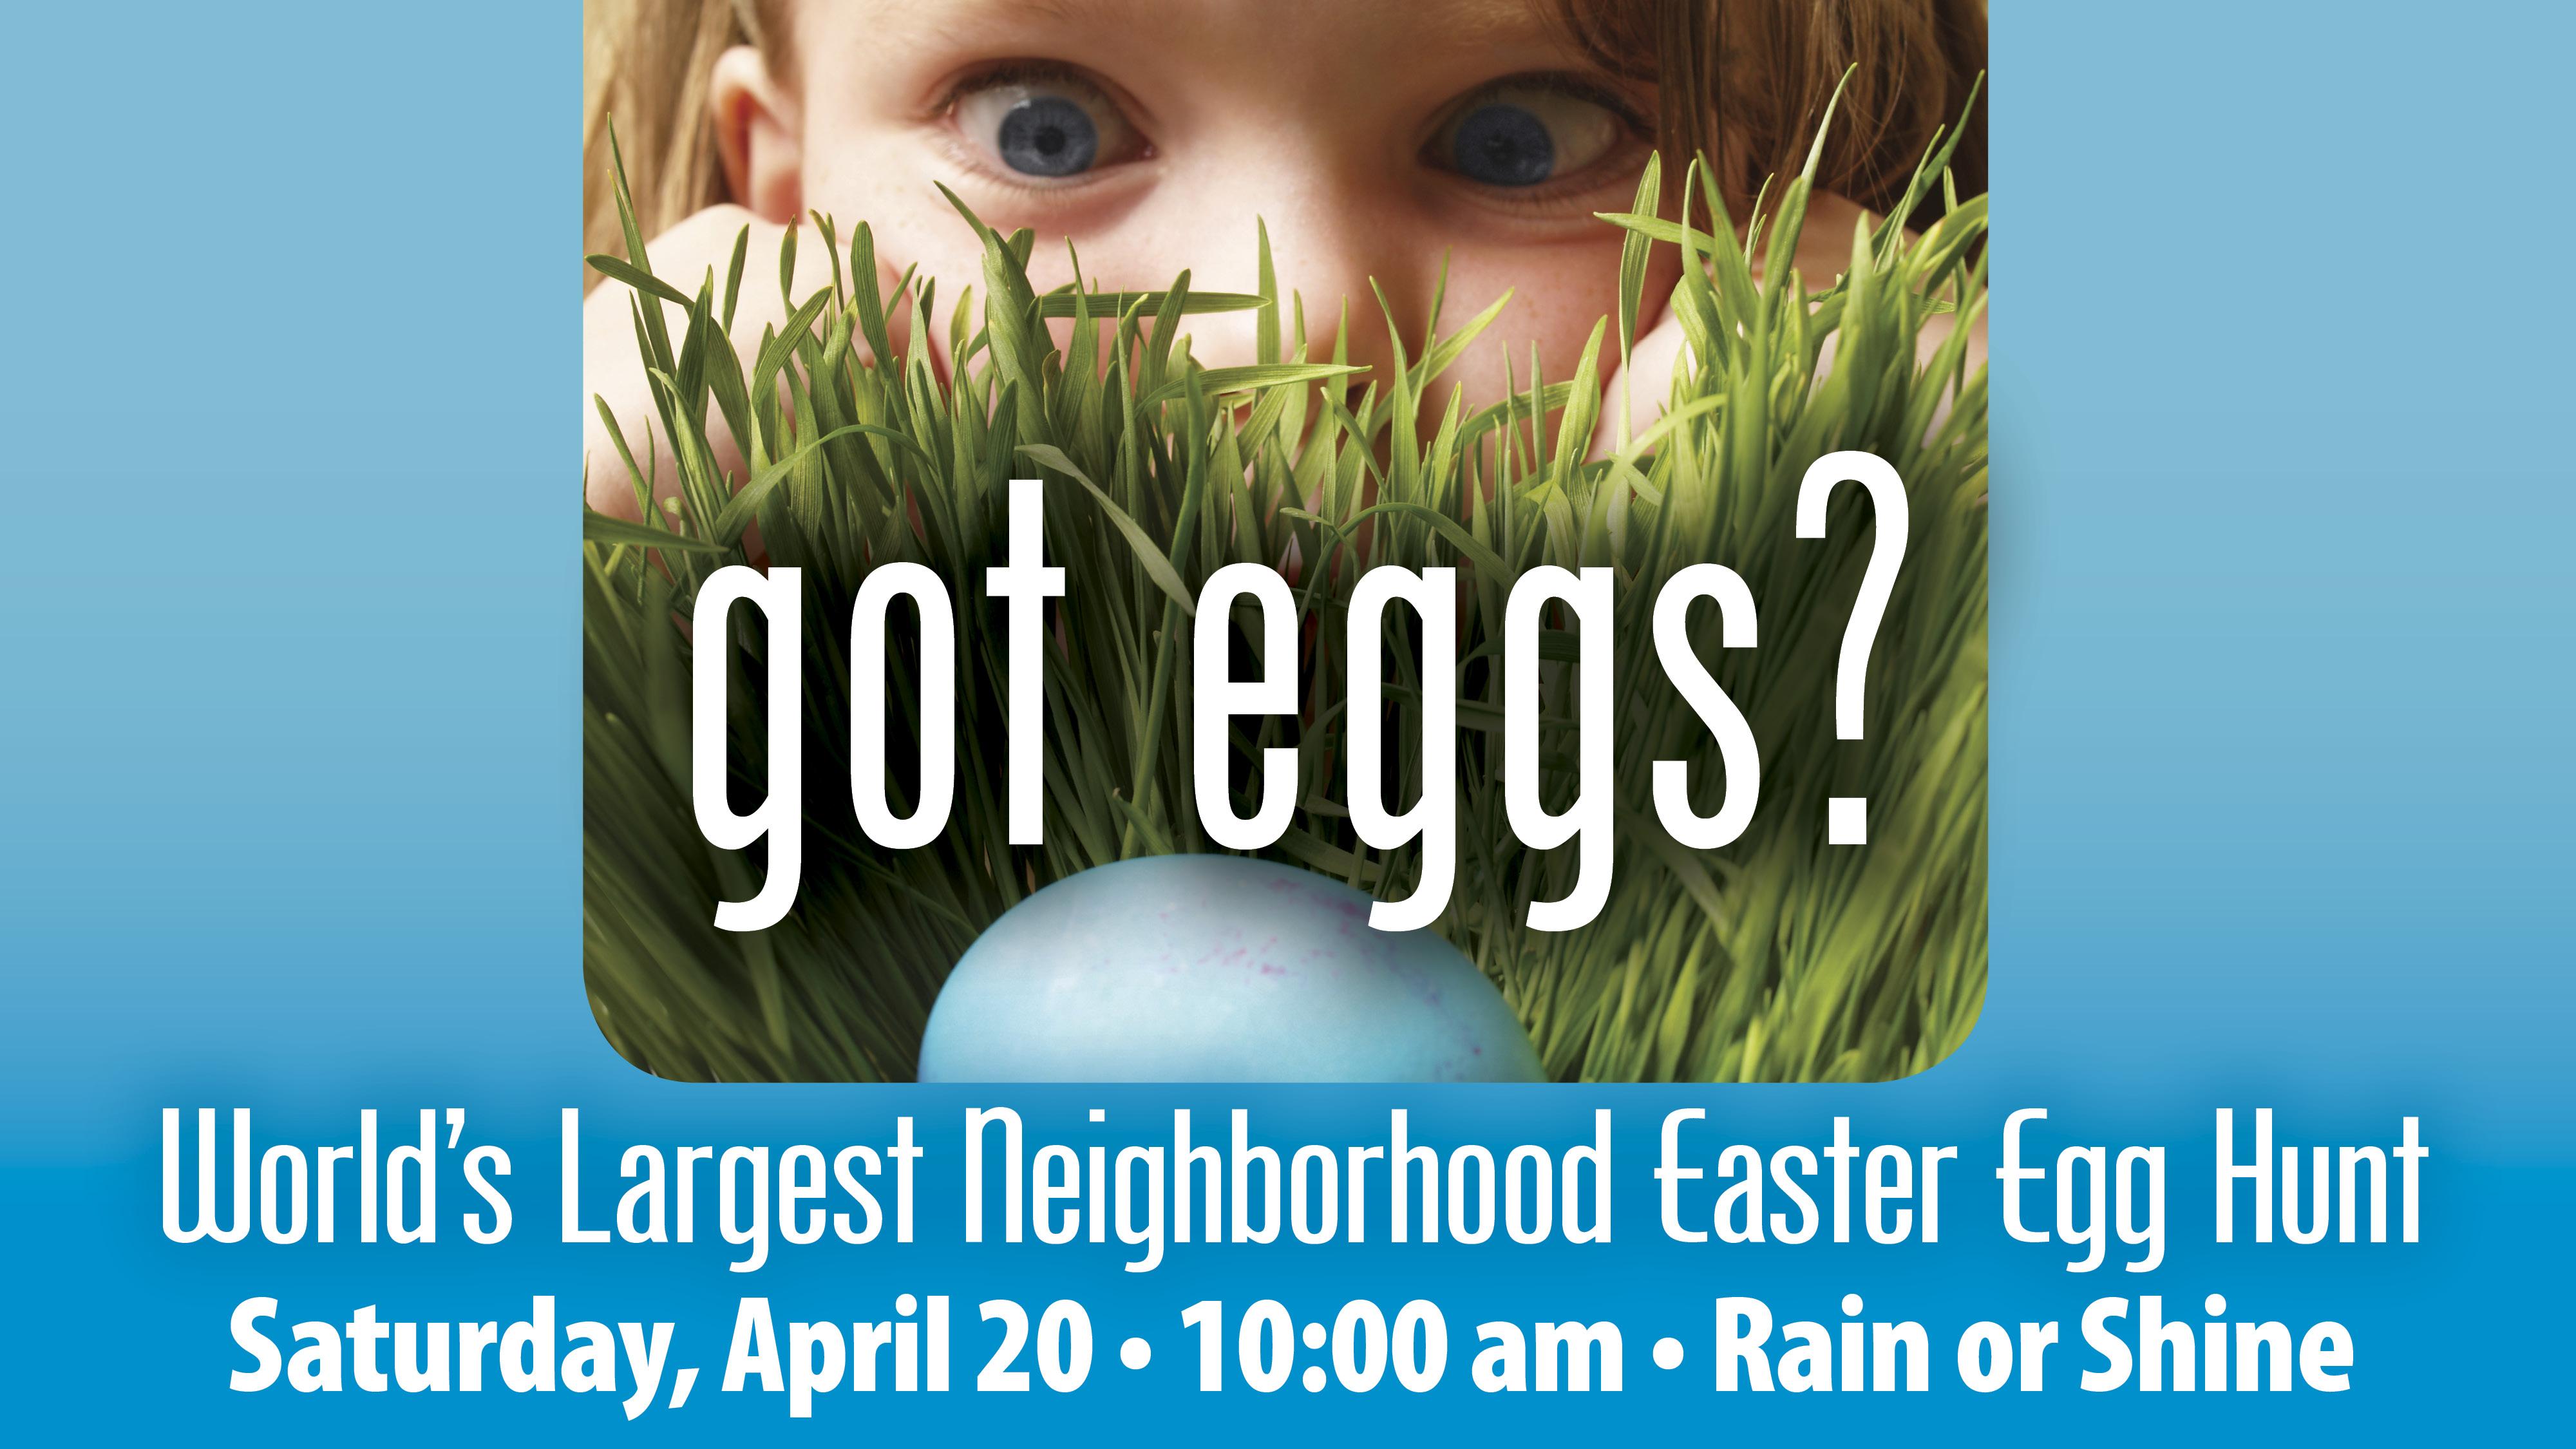 Eater Egg Hunt